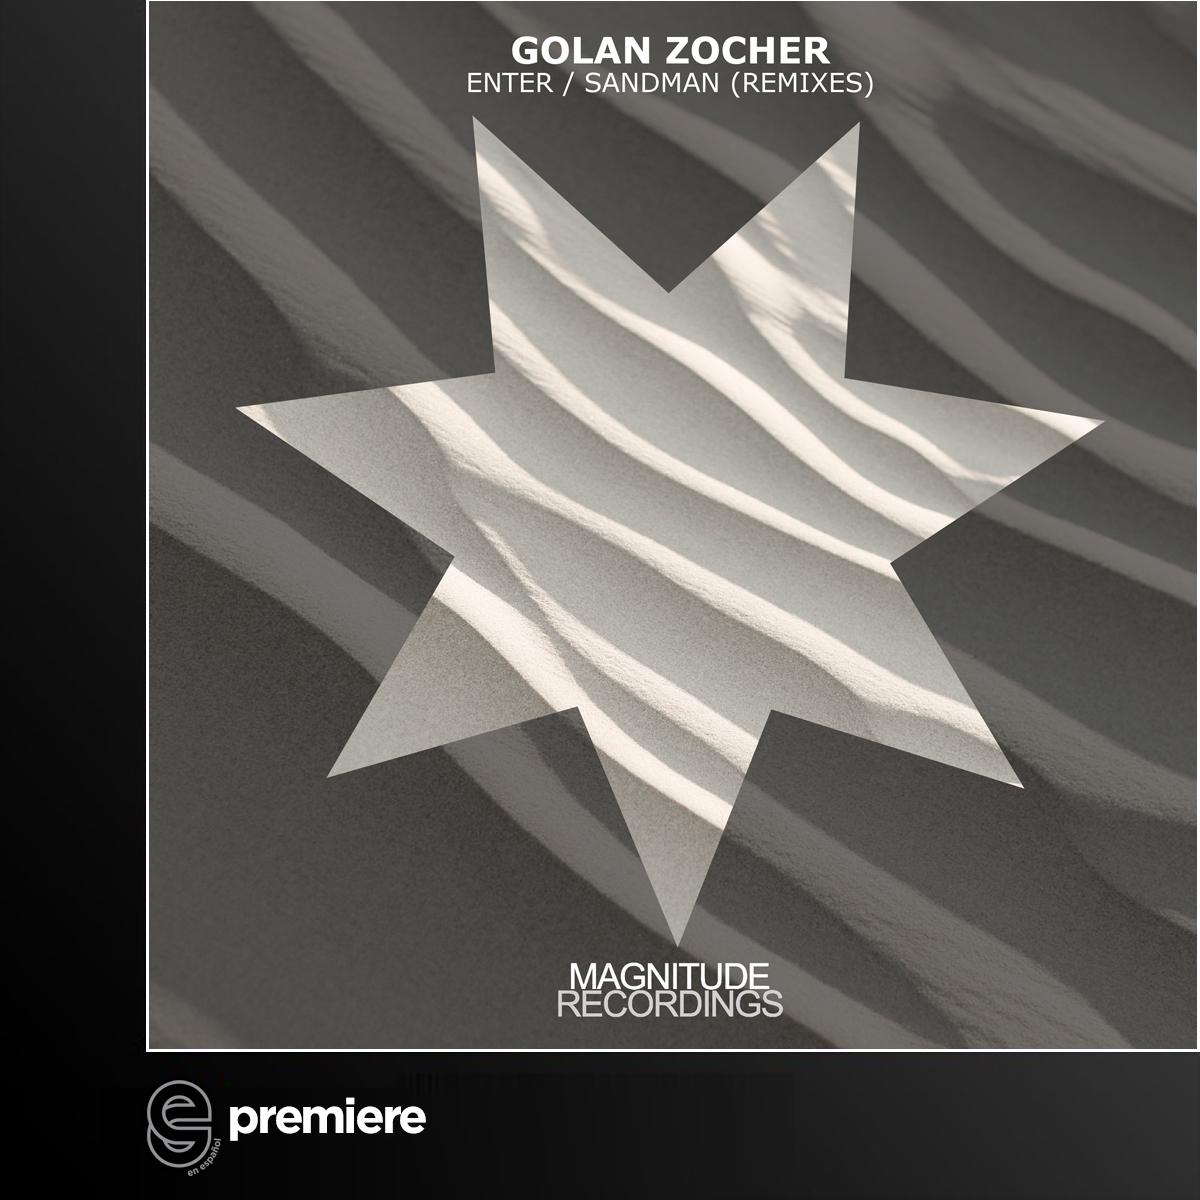 EGE Premiere_Golan Zocher_Enter Sandman (GMJ remix)